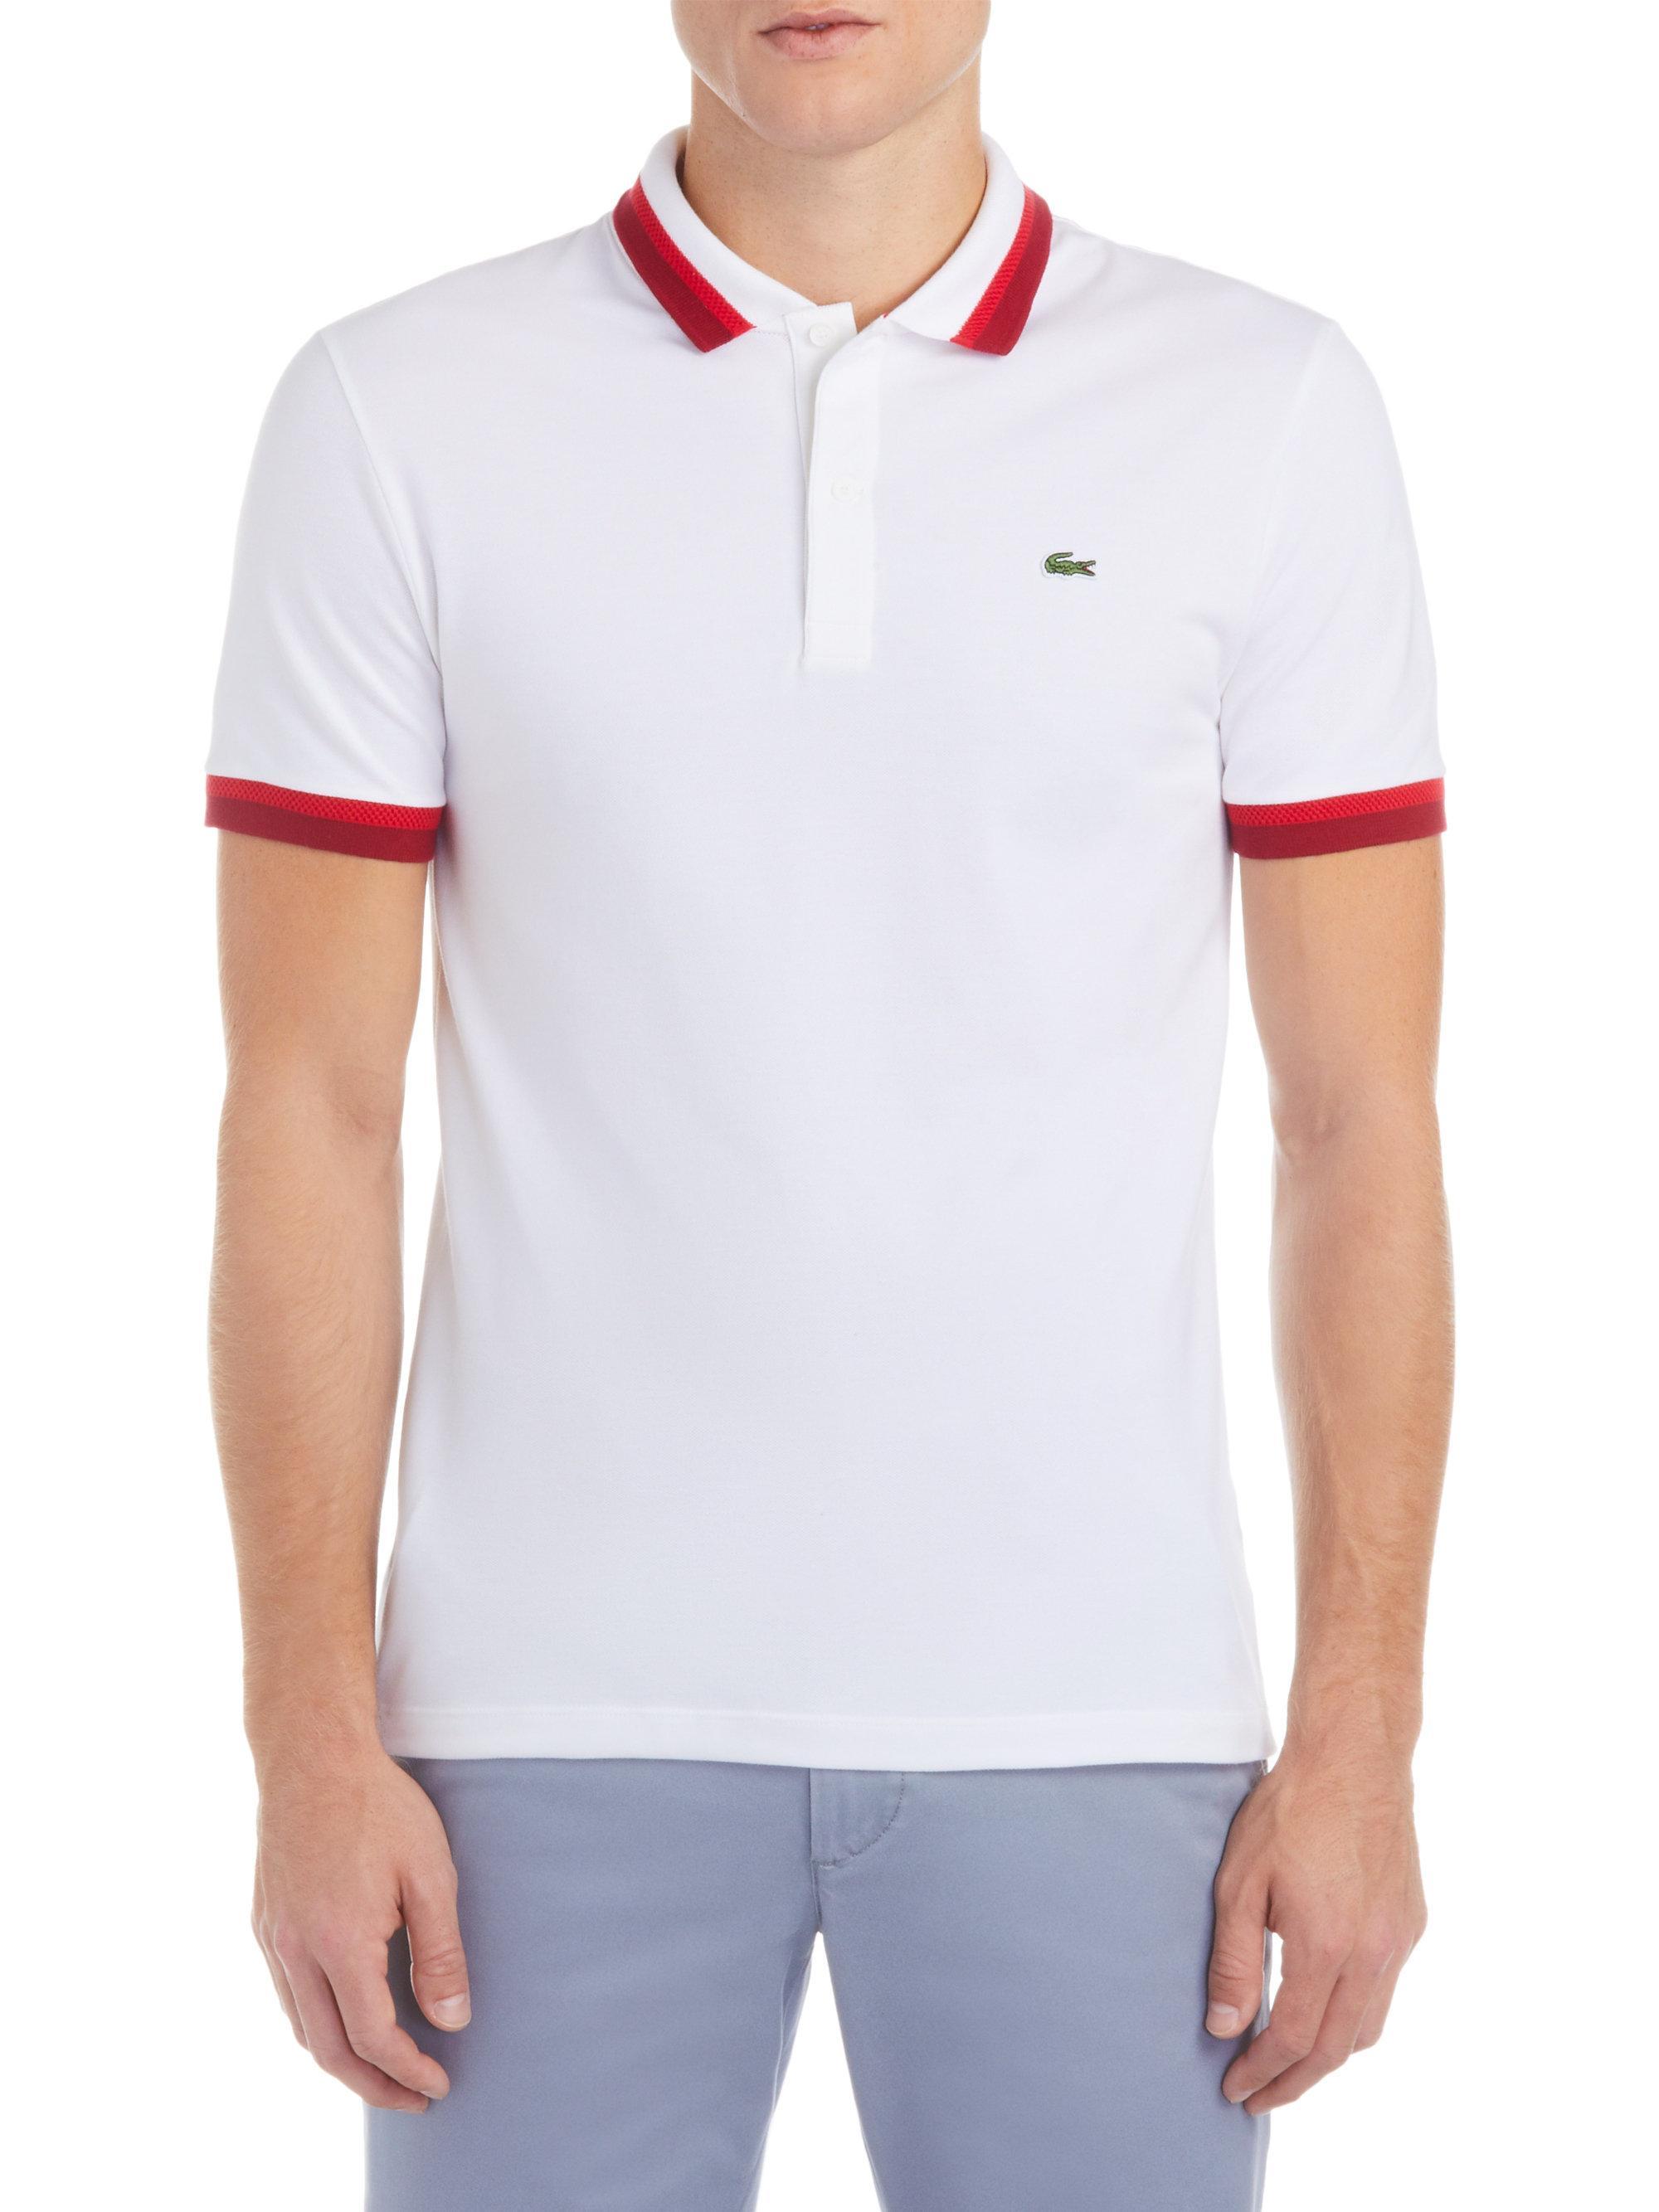 92dc7b96209997 Lyst - Lacoste Semi-fancy Polo in White for Men